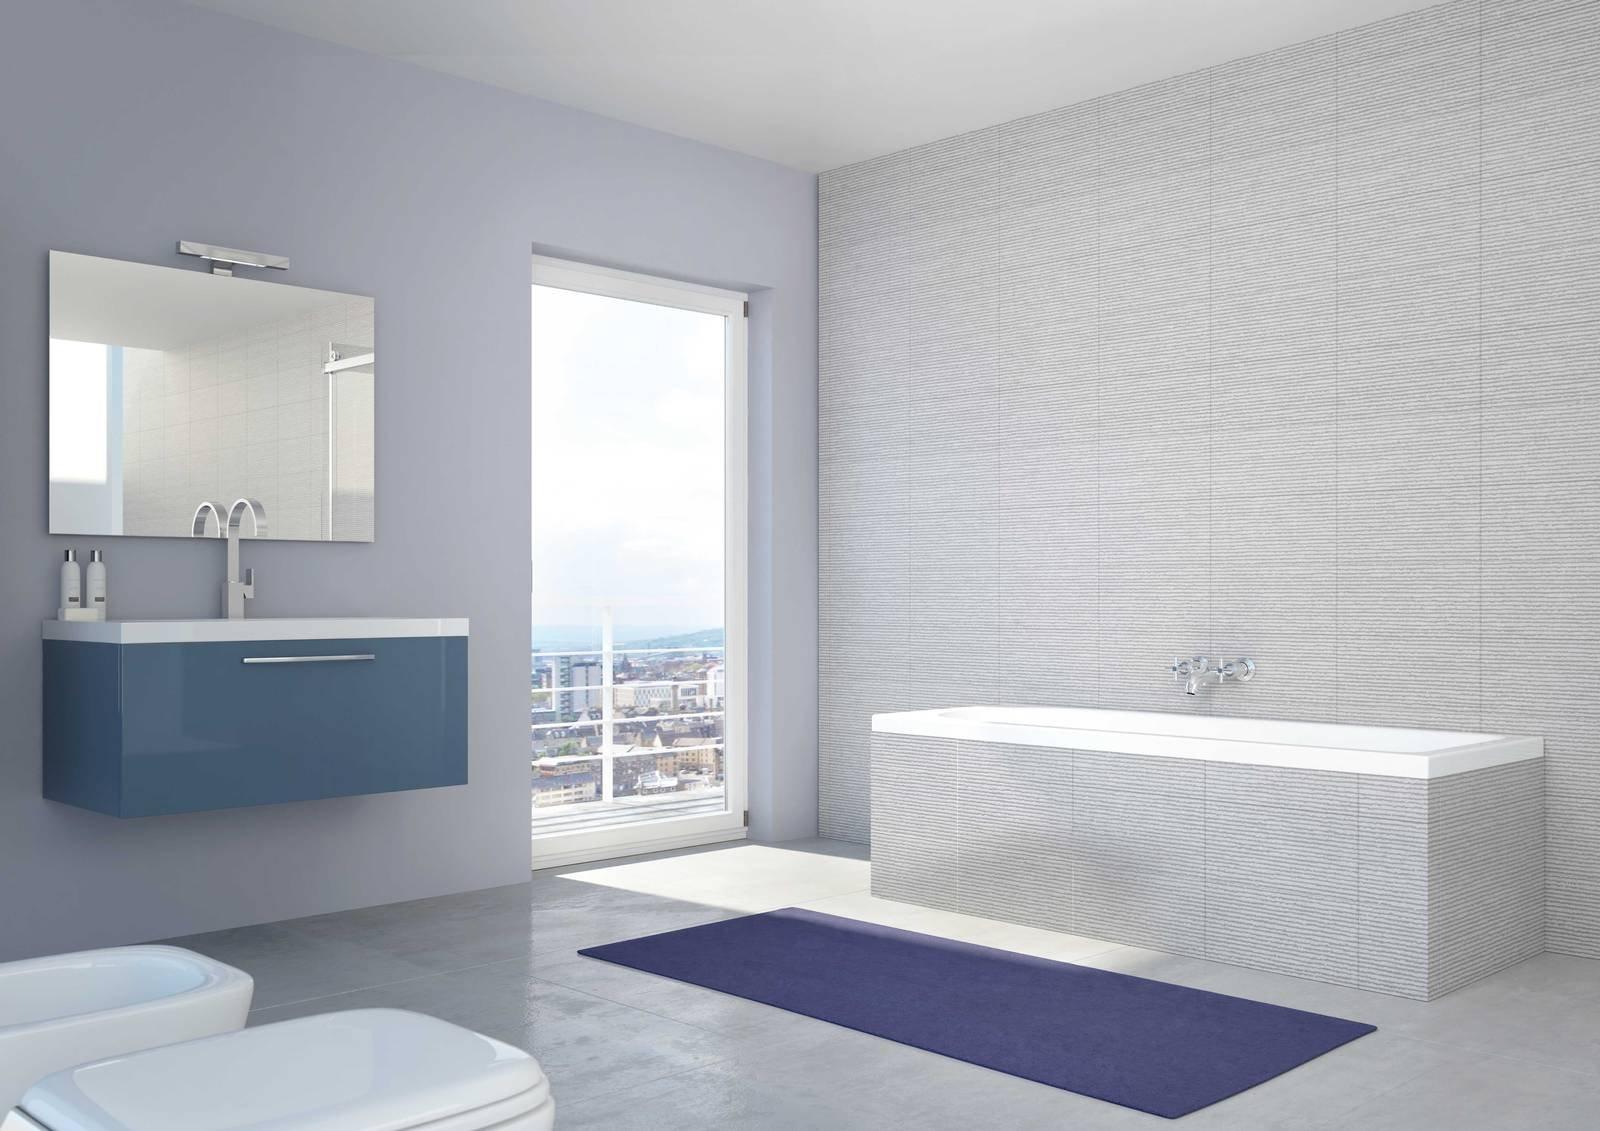 Ristrutturare il bagno in poco tempo cose di casa - Tende bagno leroy merlin ...